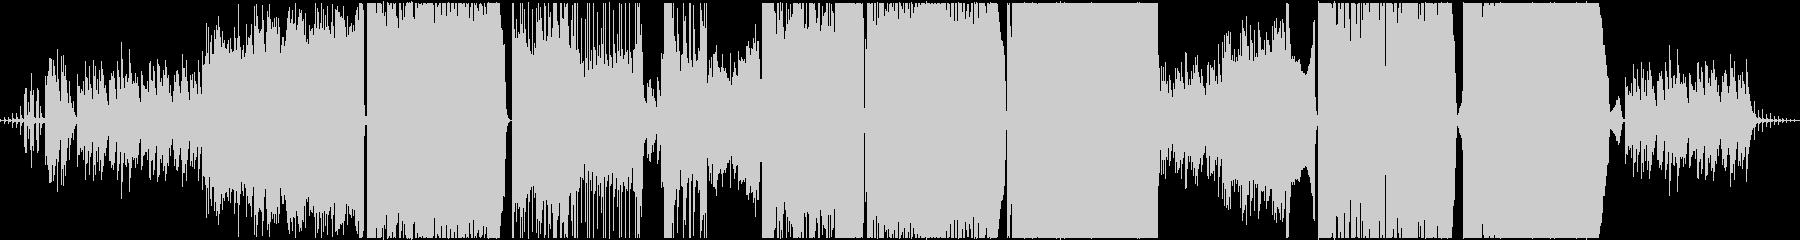 センチメンタルな王道バラードの未再生の波形